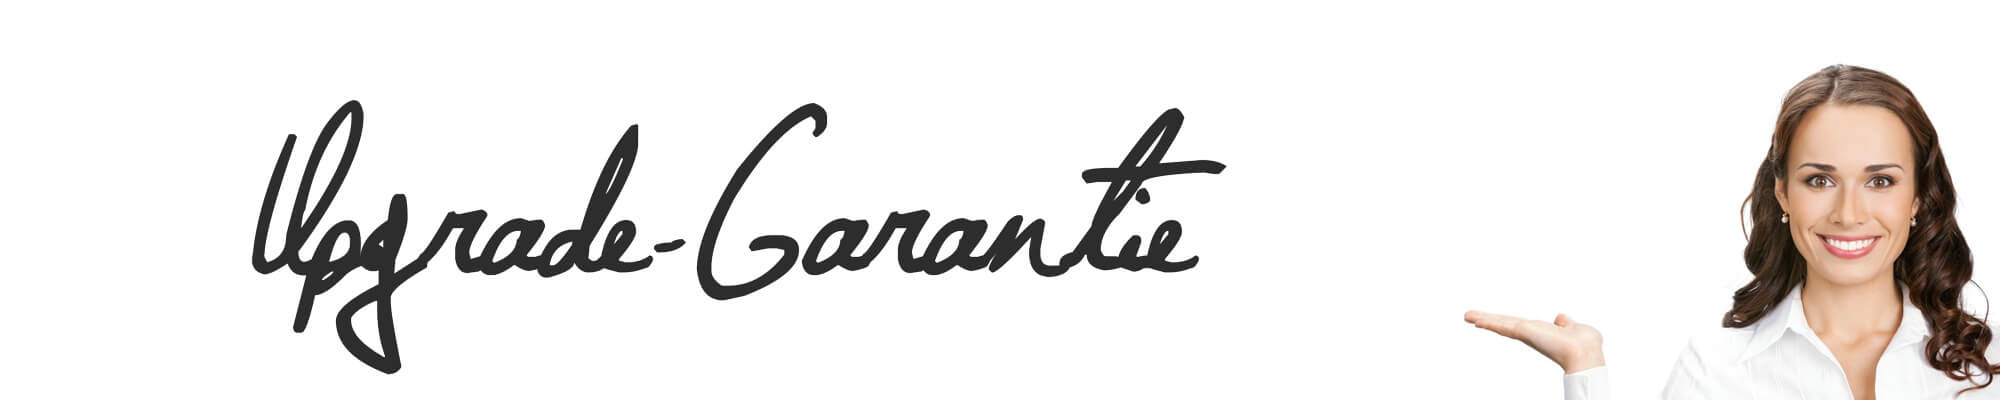 Upgrade-Garantie